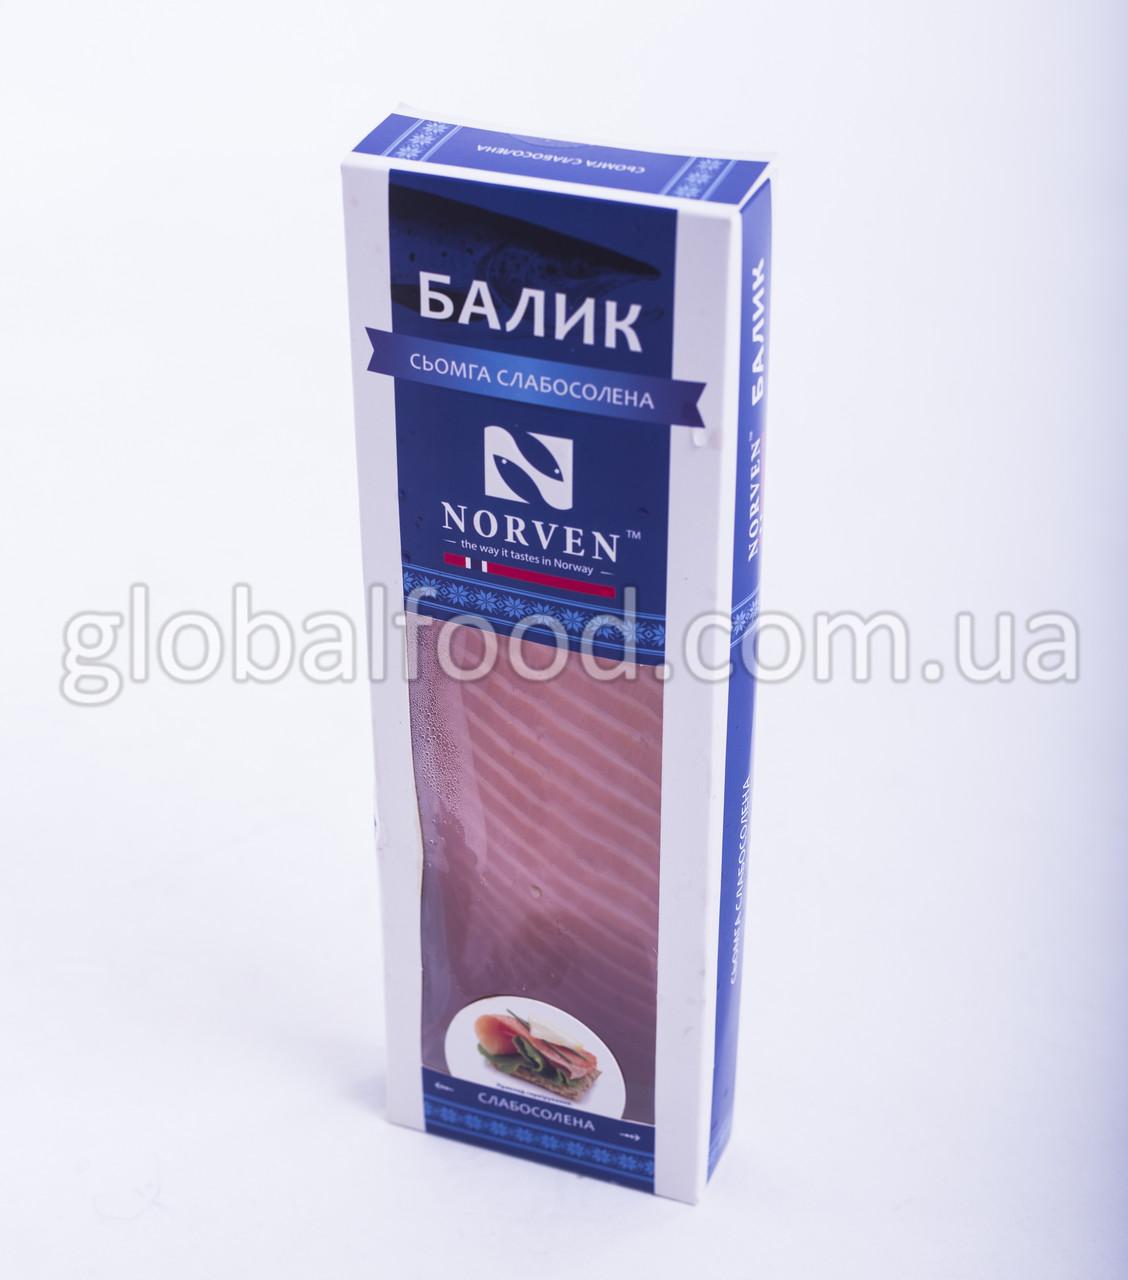 Лосось Балык (Сёмга) слабосолёный  вакуум порционный (0,300 г.)